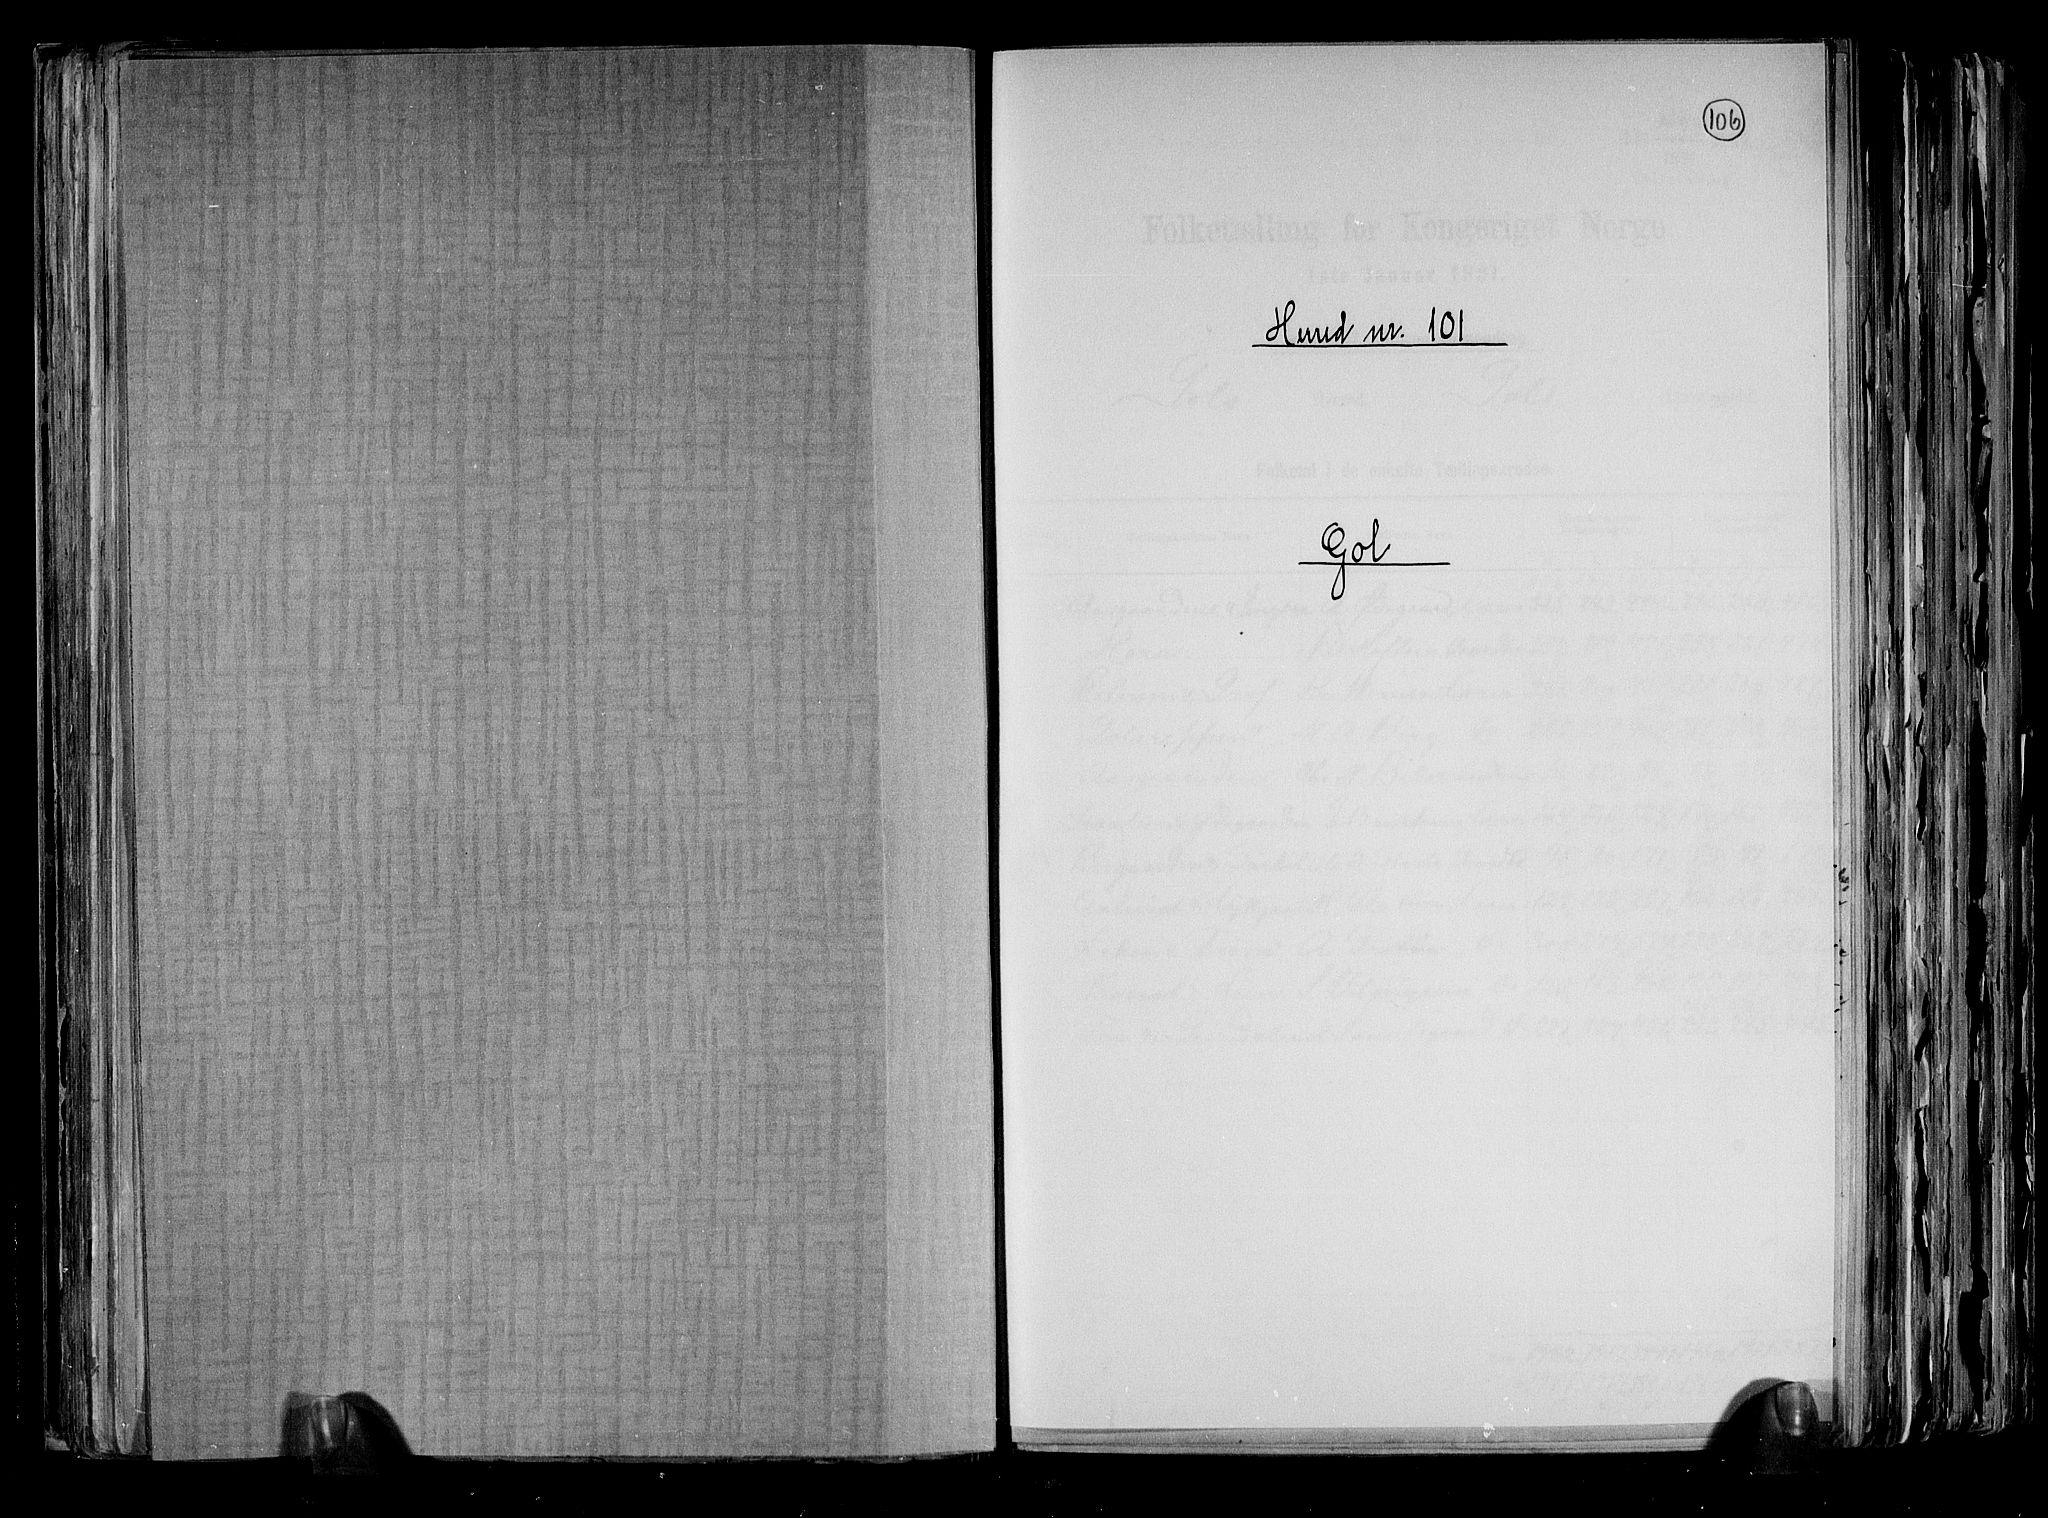 RA, Folketelling 1891 for 0617 Gol og Hemsedal herred, 1891, s. 1